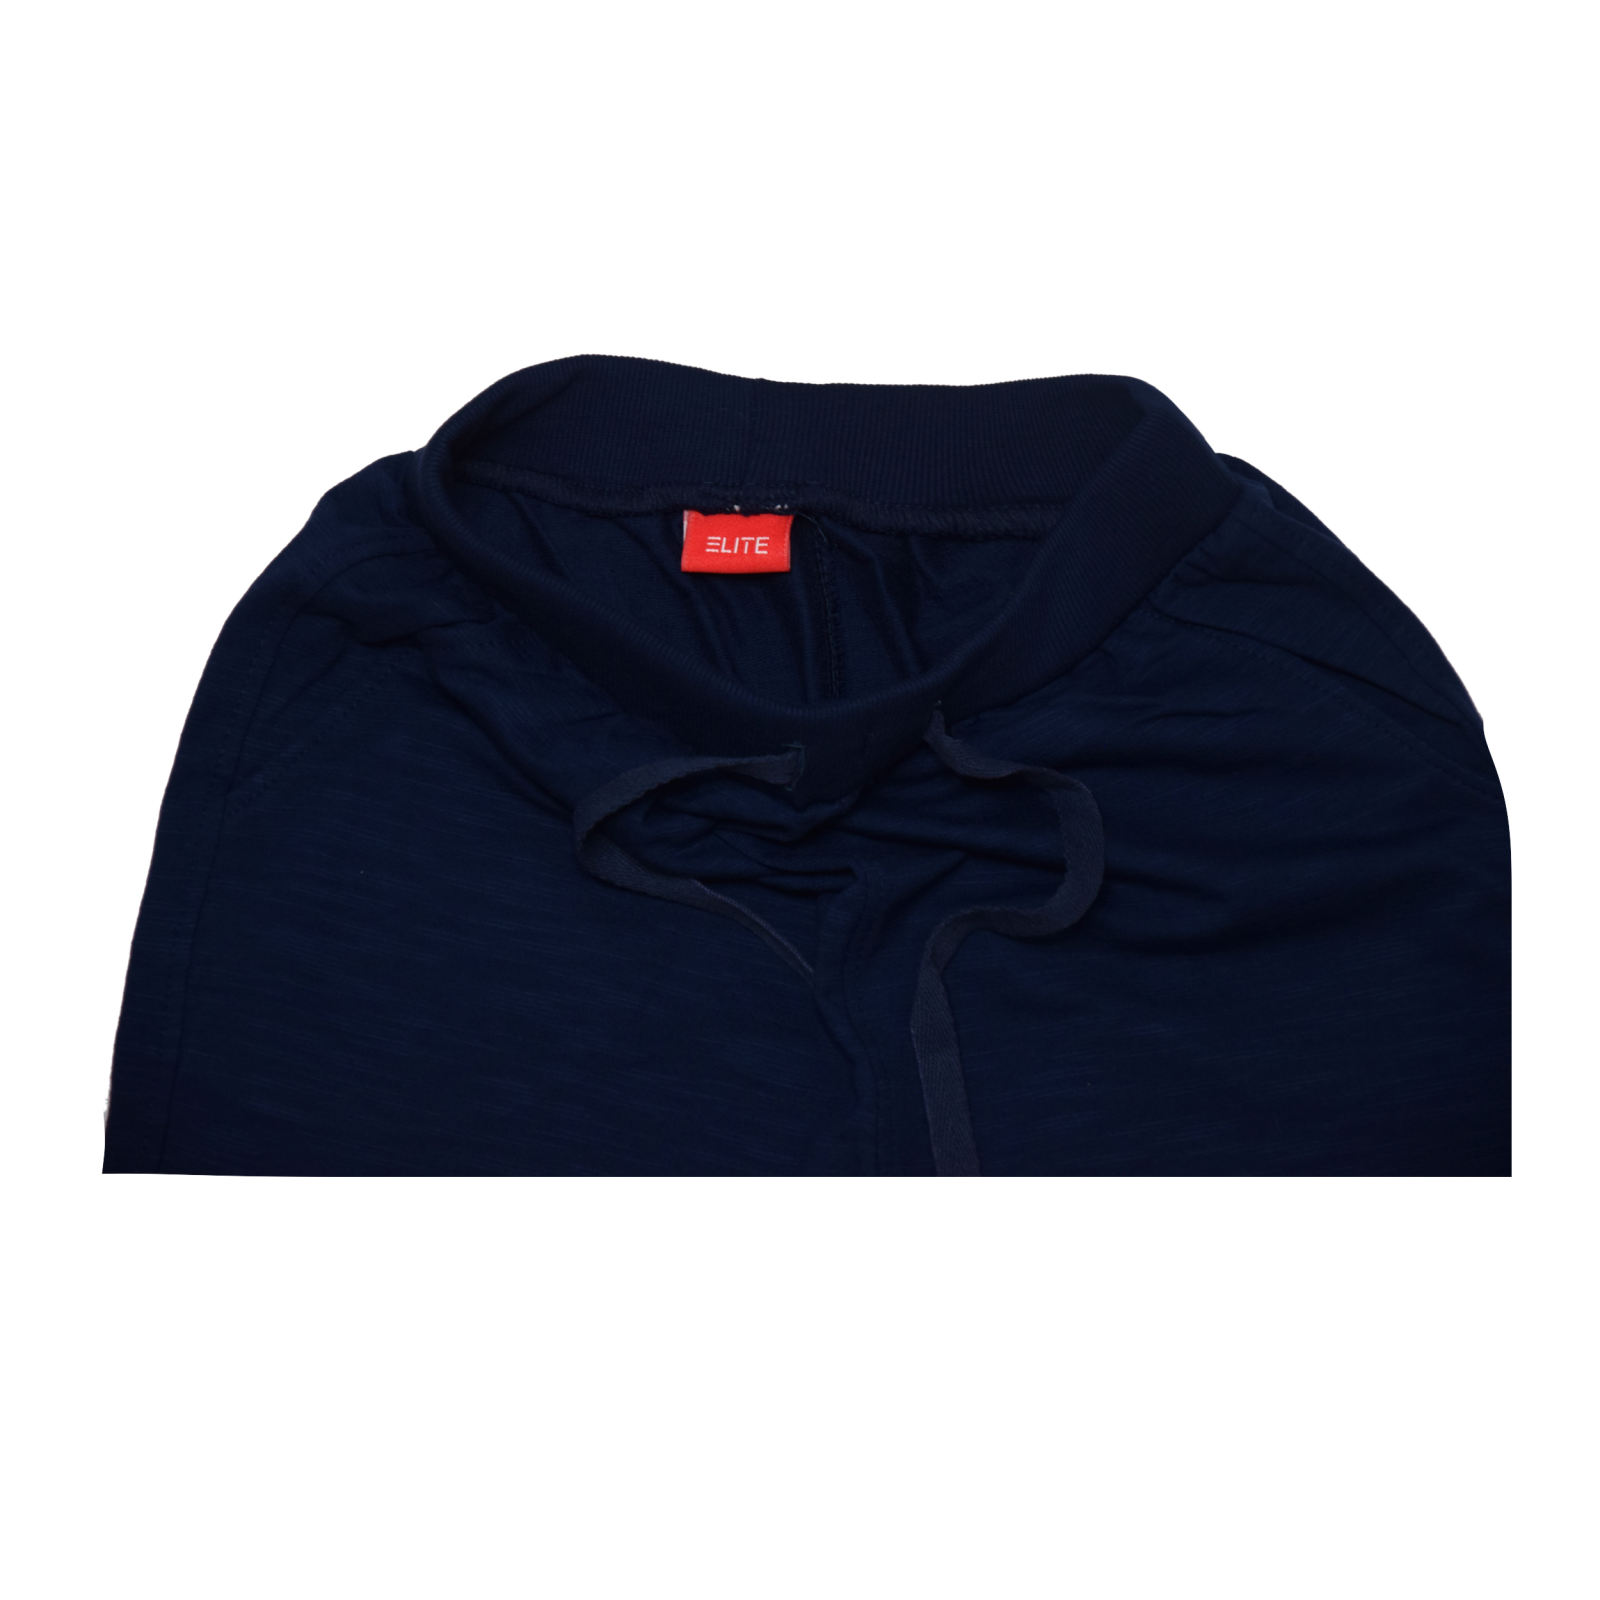 ست تی شرت و شلوارک پسرانه الیت مدل 2-669 -  - 5